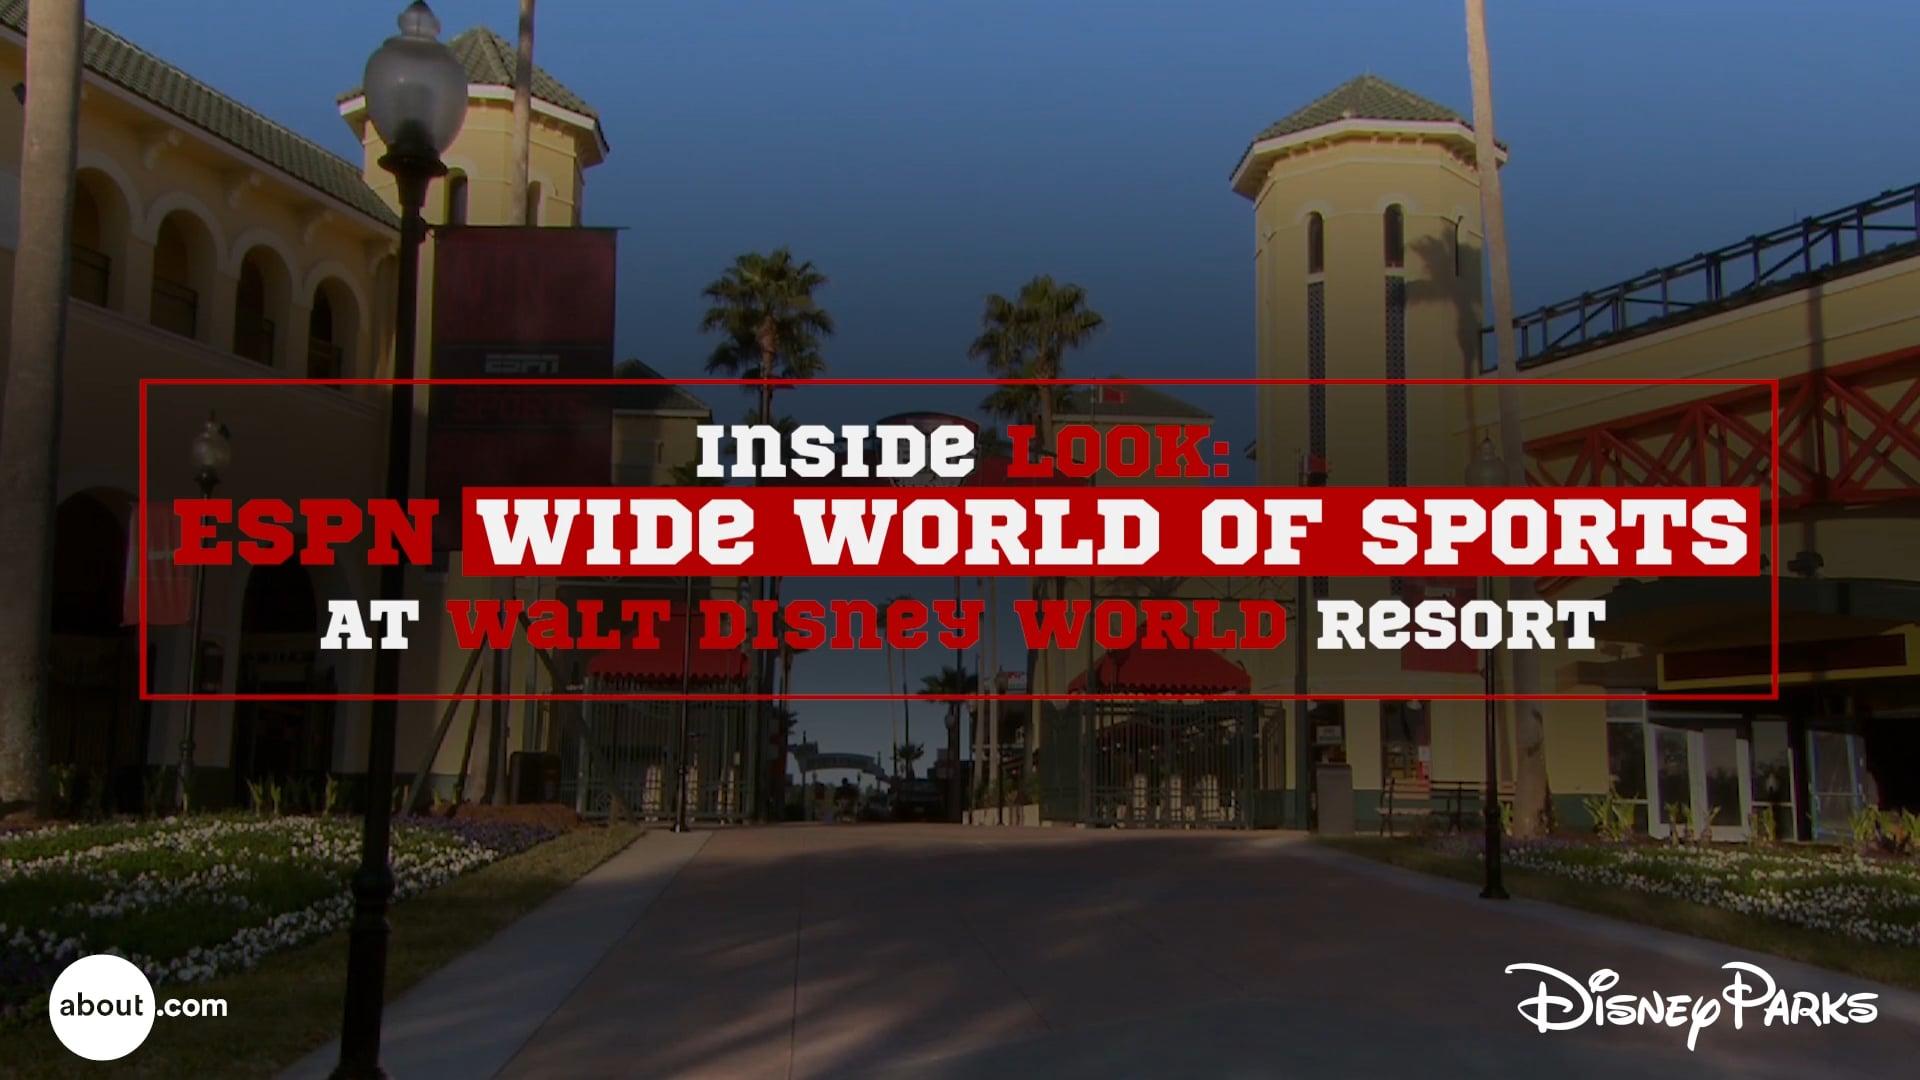 Inside Look - ESPN Wide World of Sports